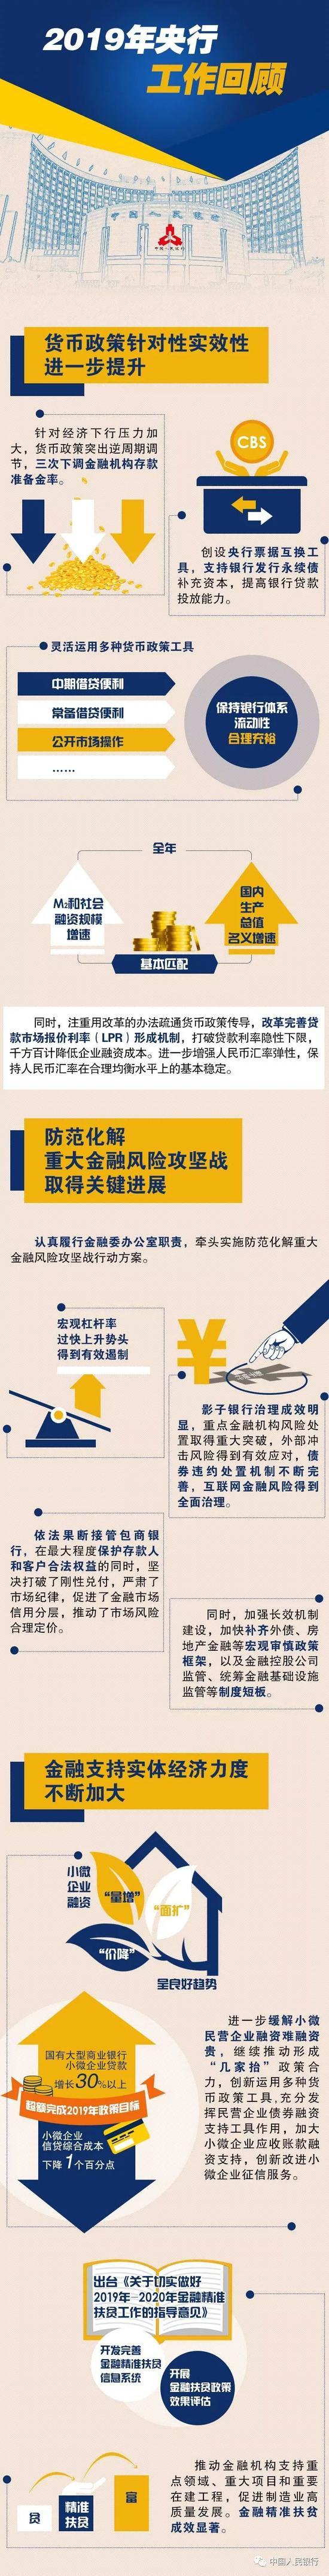 春节出境游解析:长线价格涨20%9成用户会兑换外币